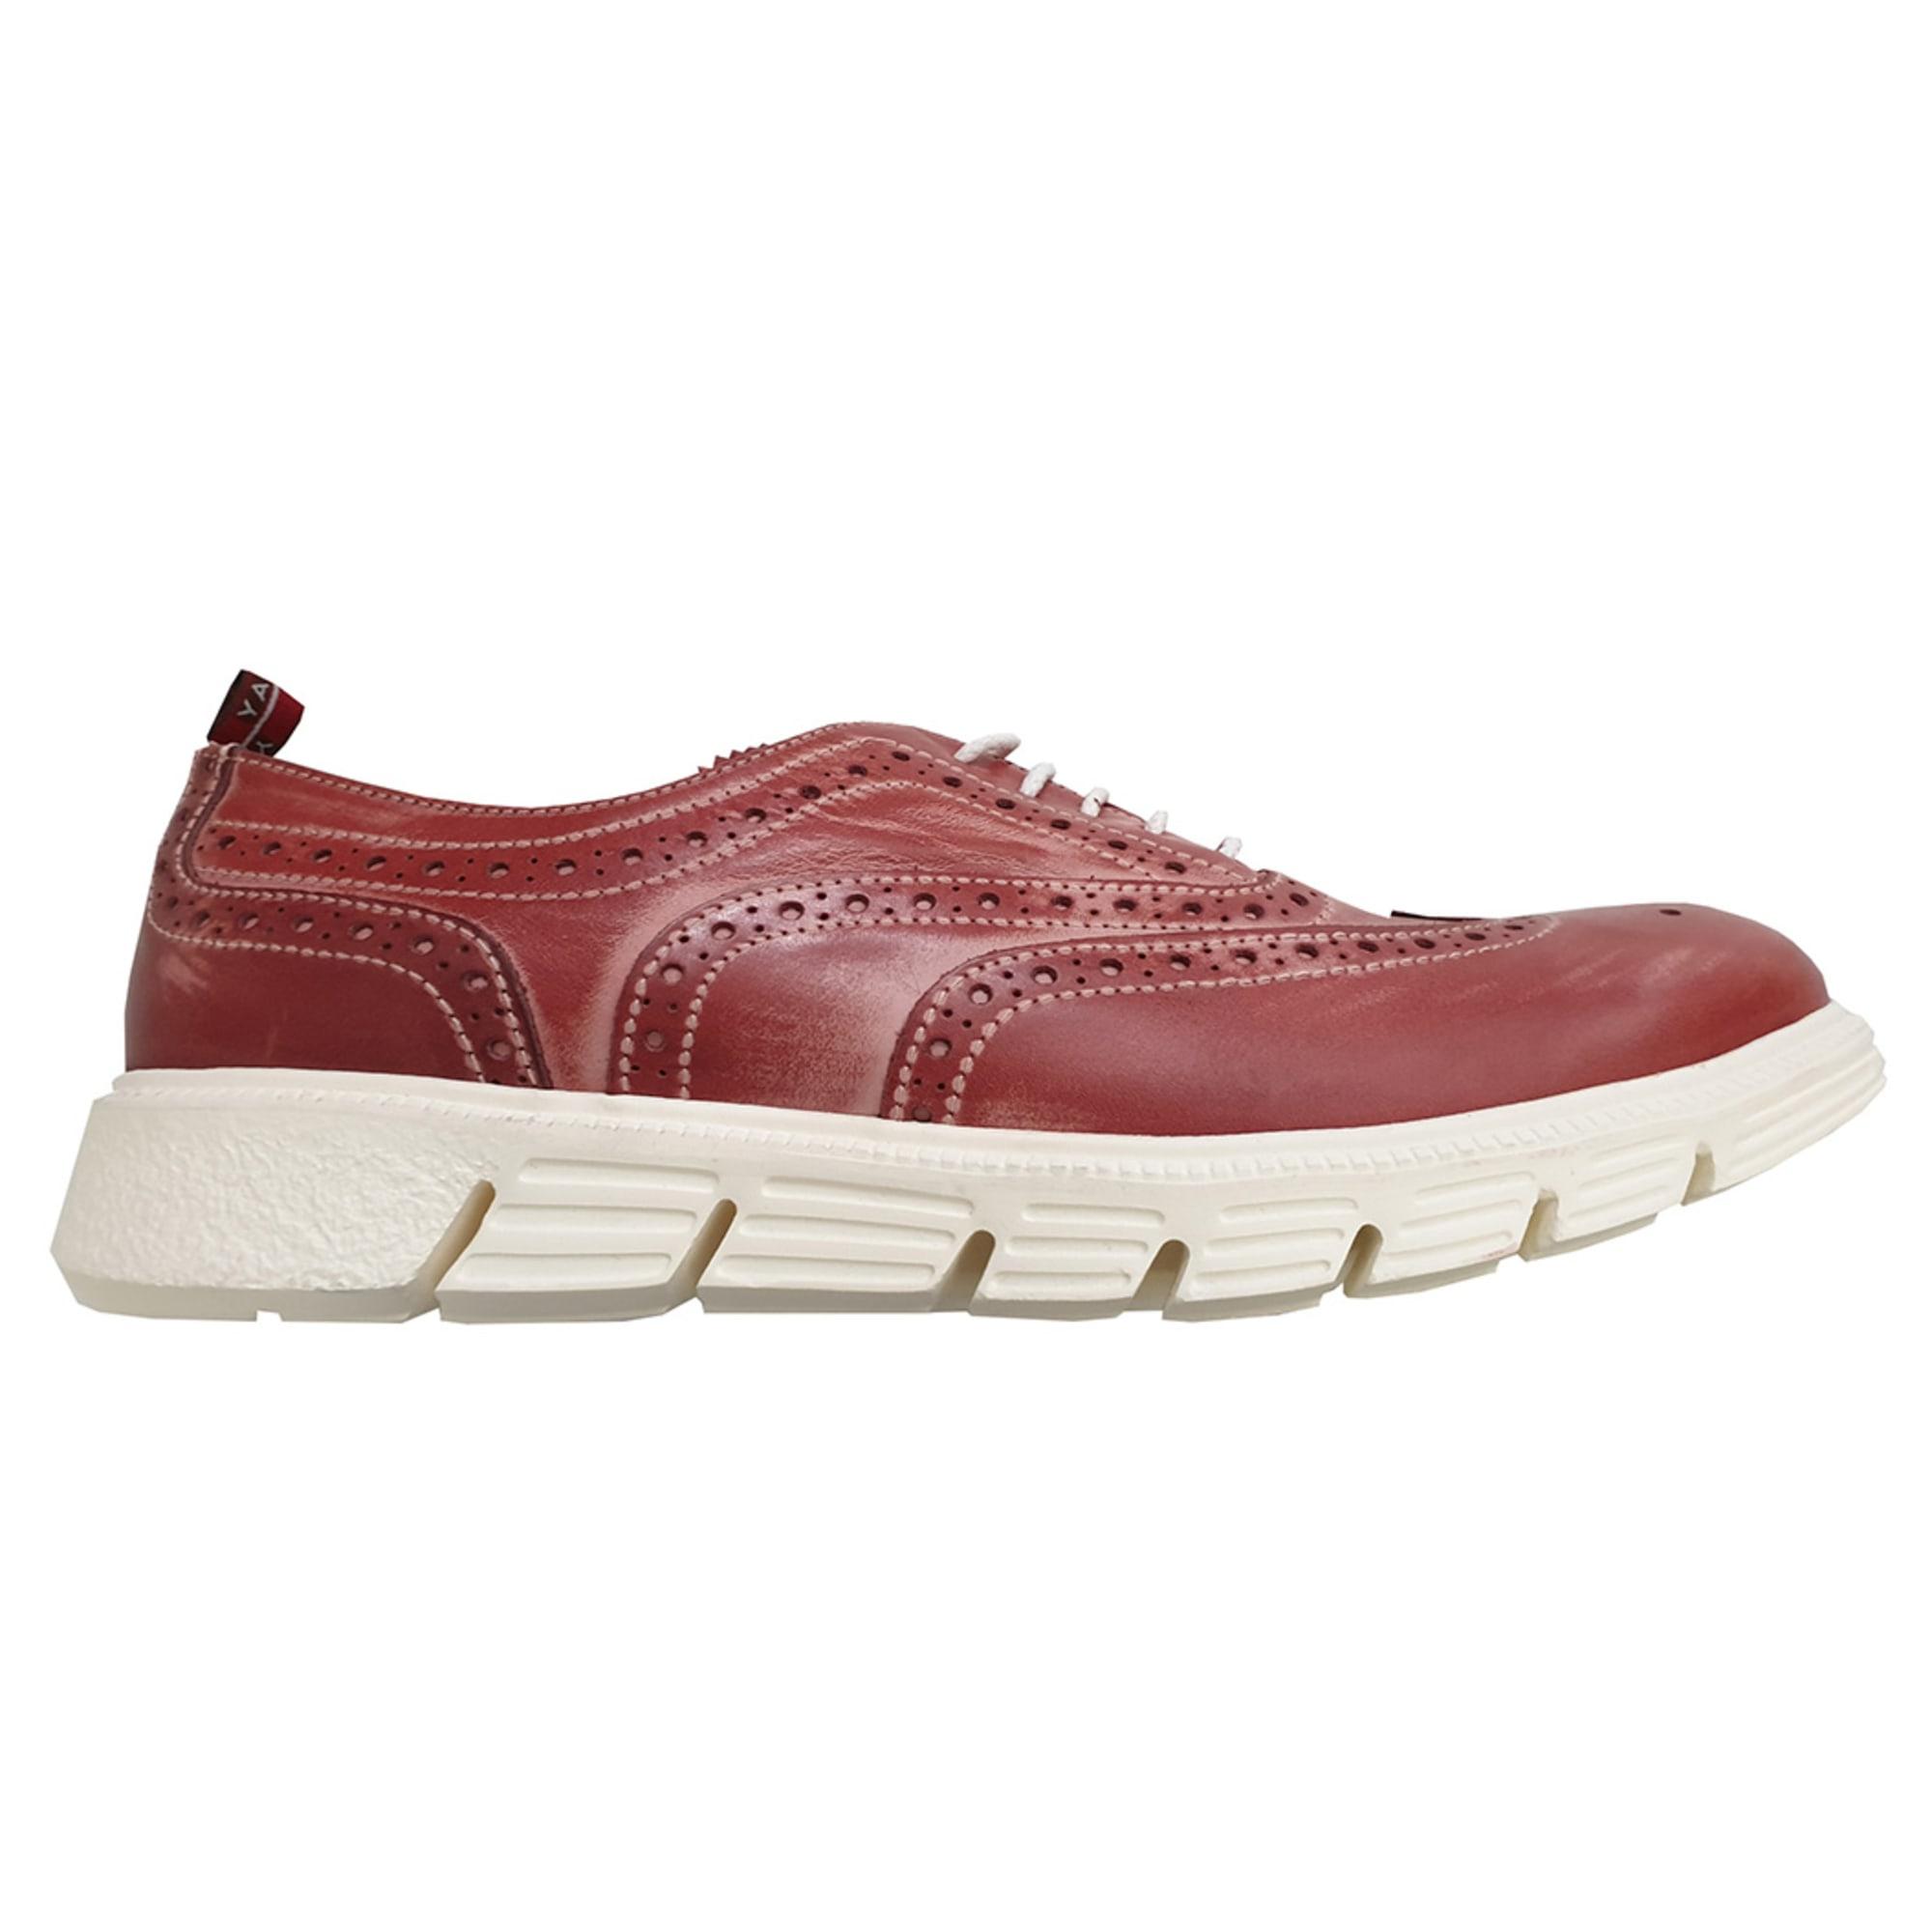 Chaussures à lacets NO NAME Rouge, bordeaux